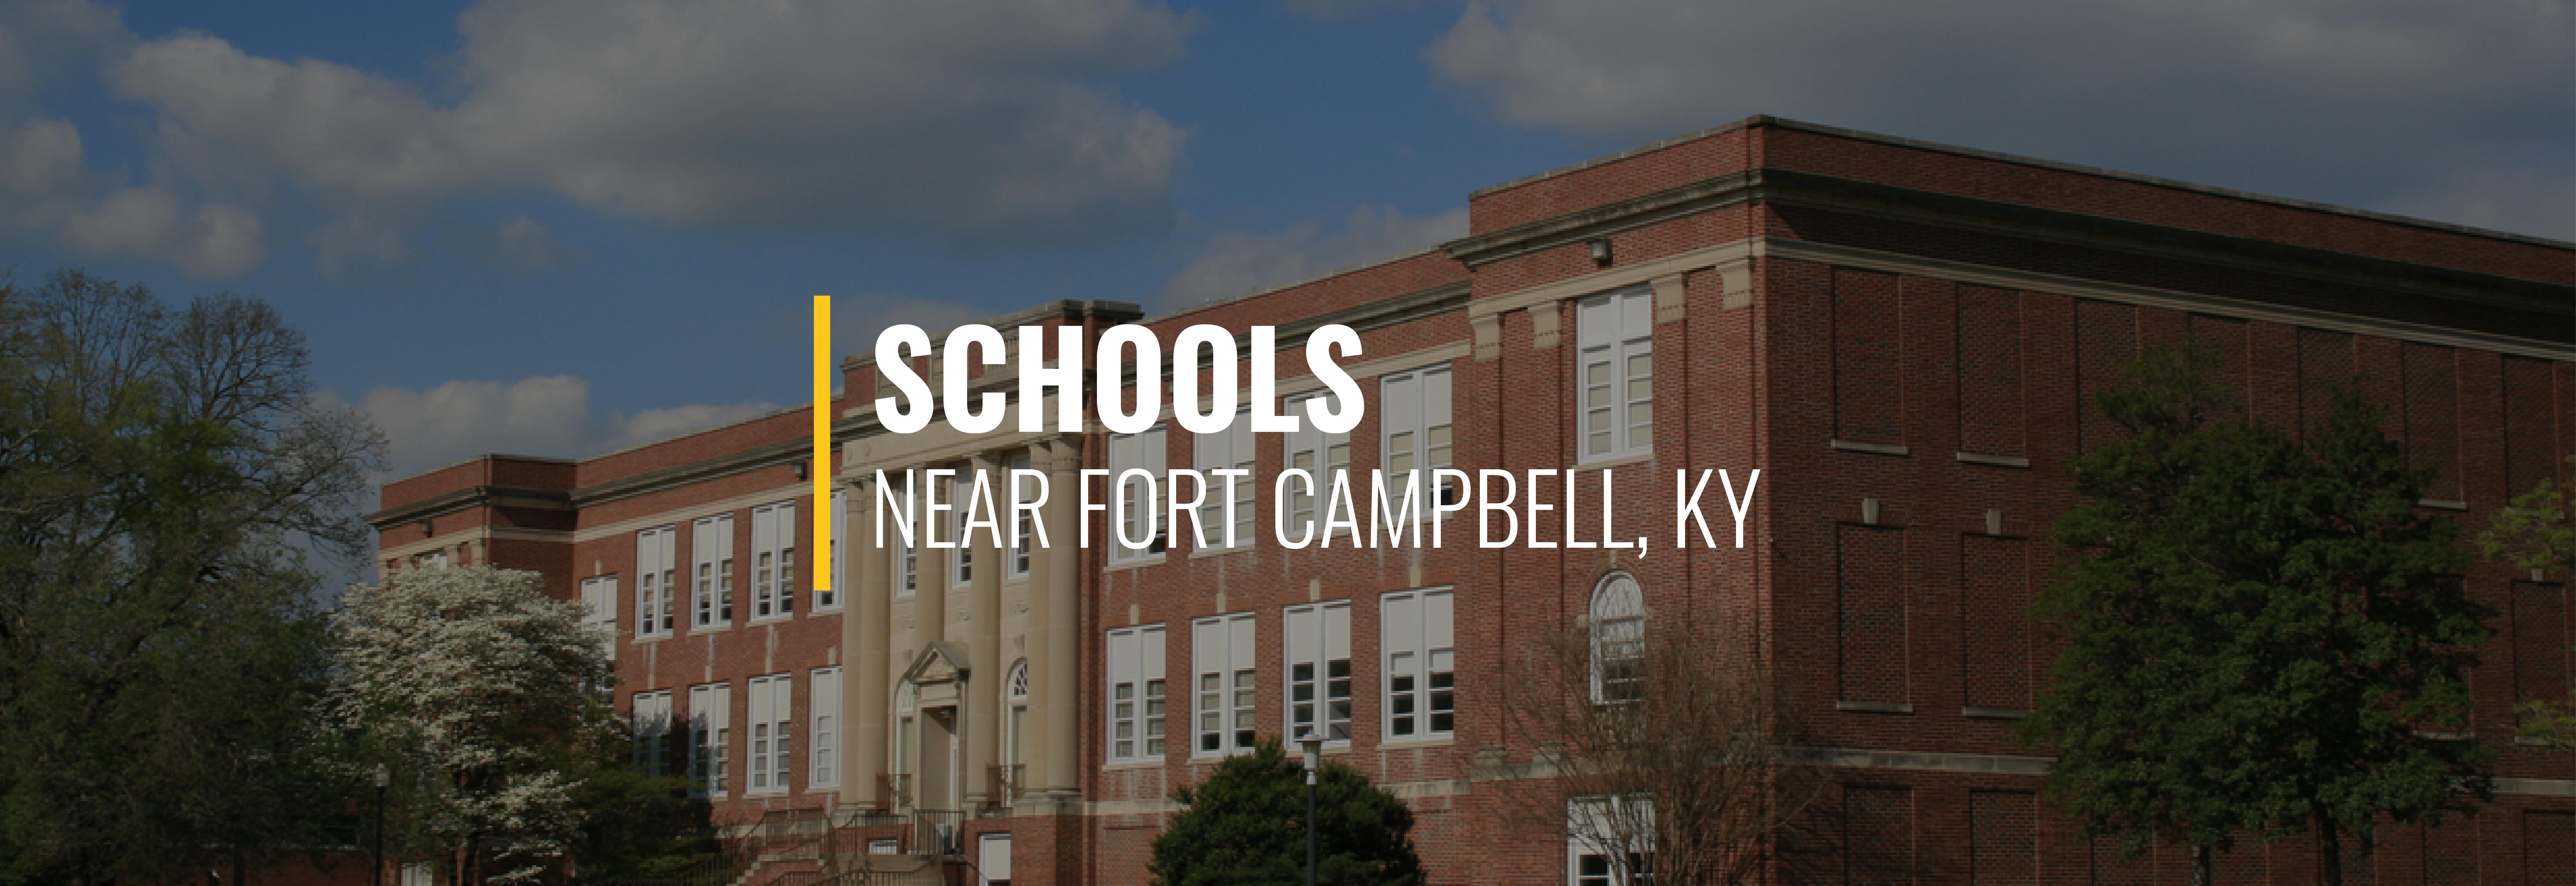 Fort Campbell Schools